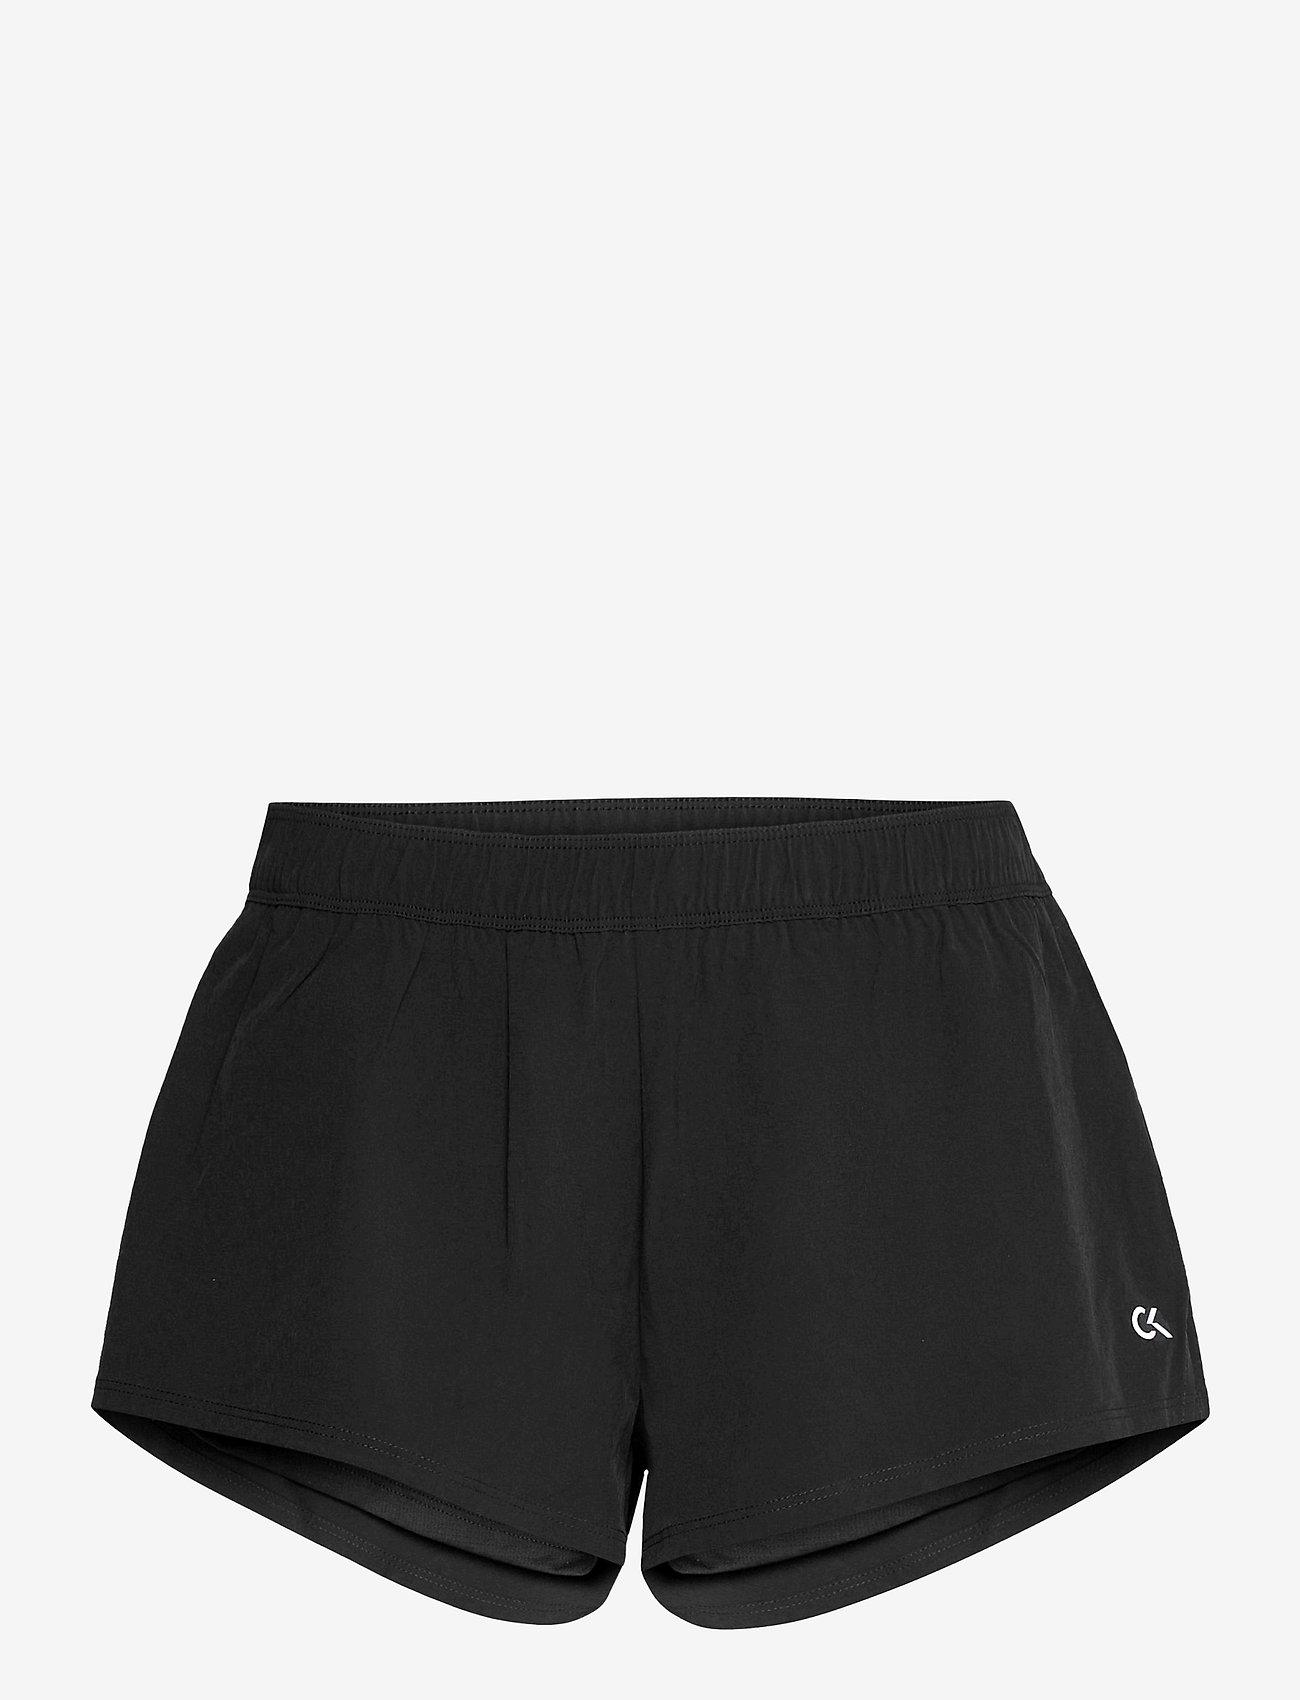 Calvin Klein Performance - WOVEN SHORT W/ INNER - training shorts - ck black - 0